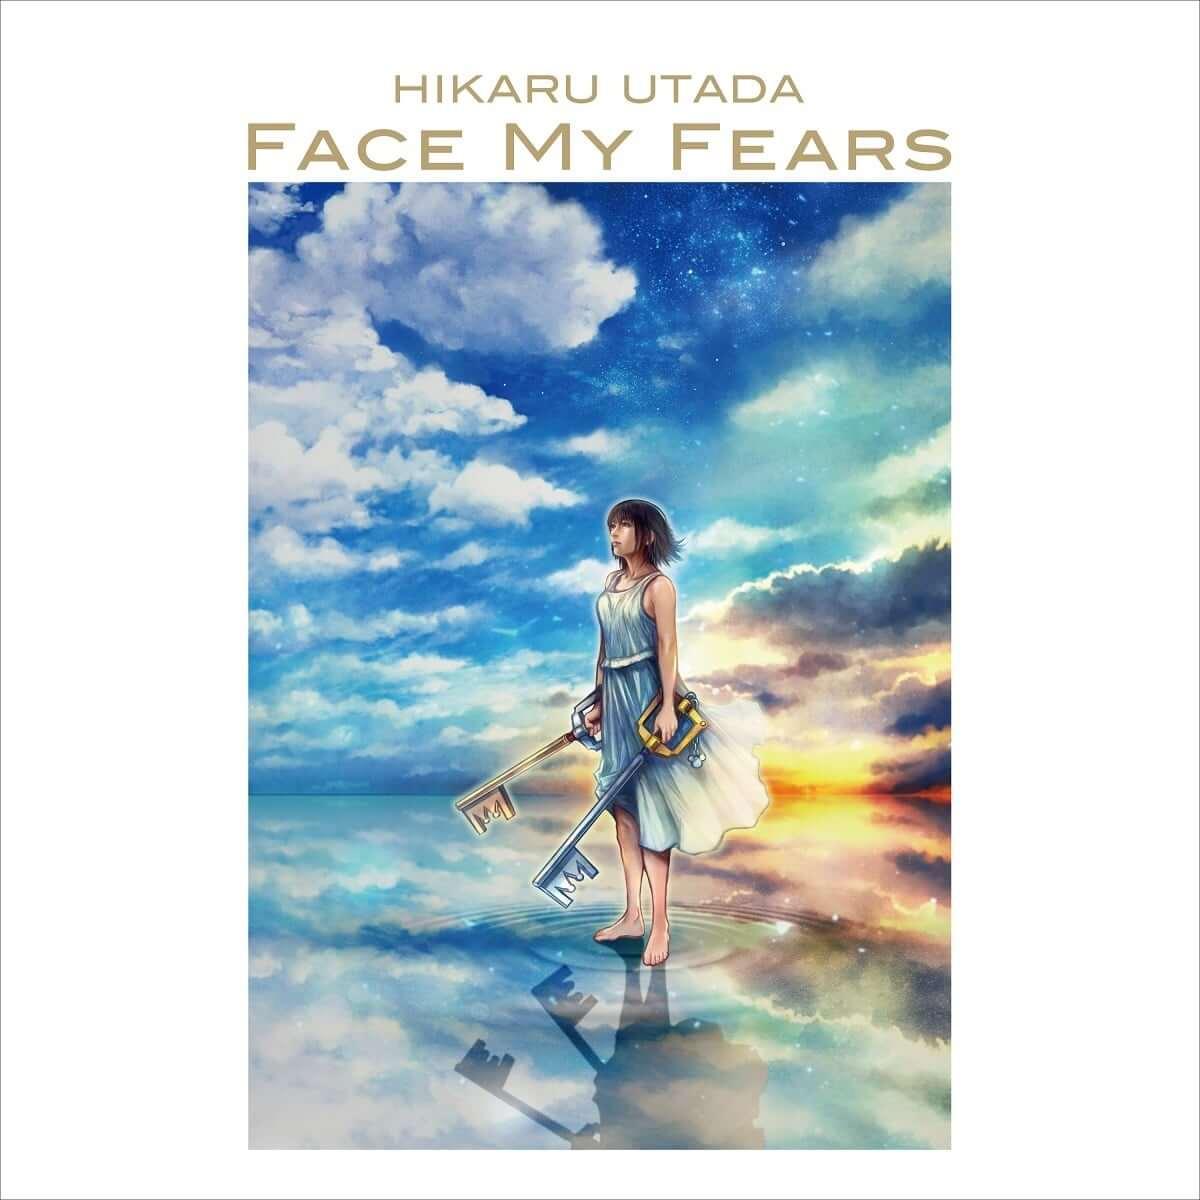 宇多田ヒカル&スクリレックスコラボ曲「Face My Fears」、世界累計3,500万回ストリームを突破|2019年邦楽最大のヒット music190325_utadahikaru_1-1200x1200